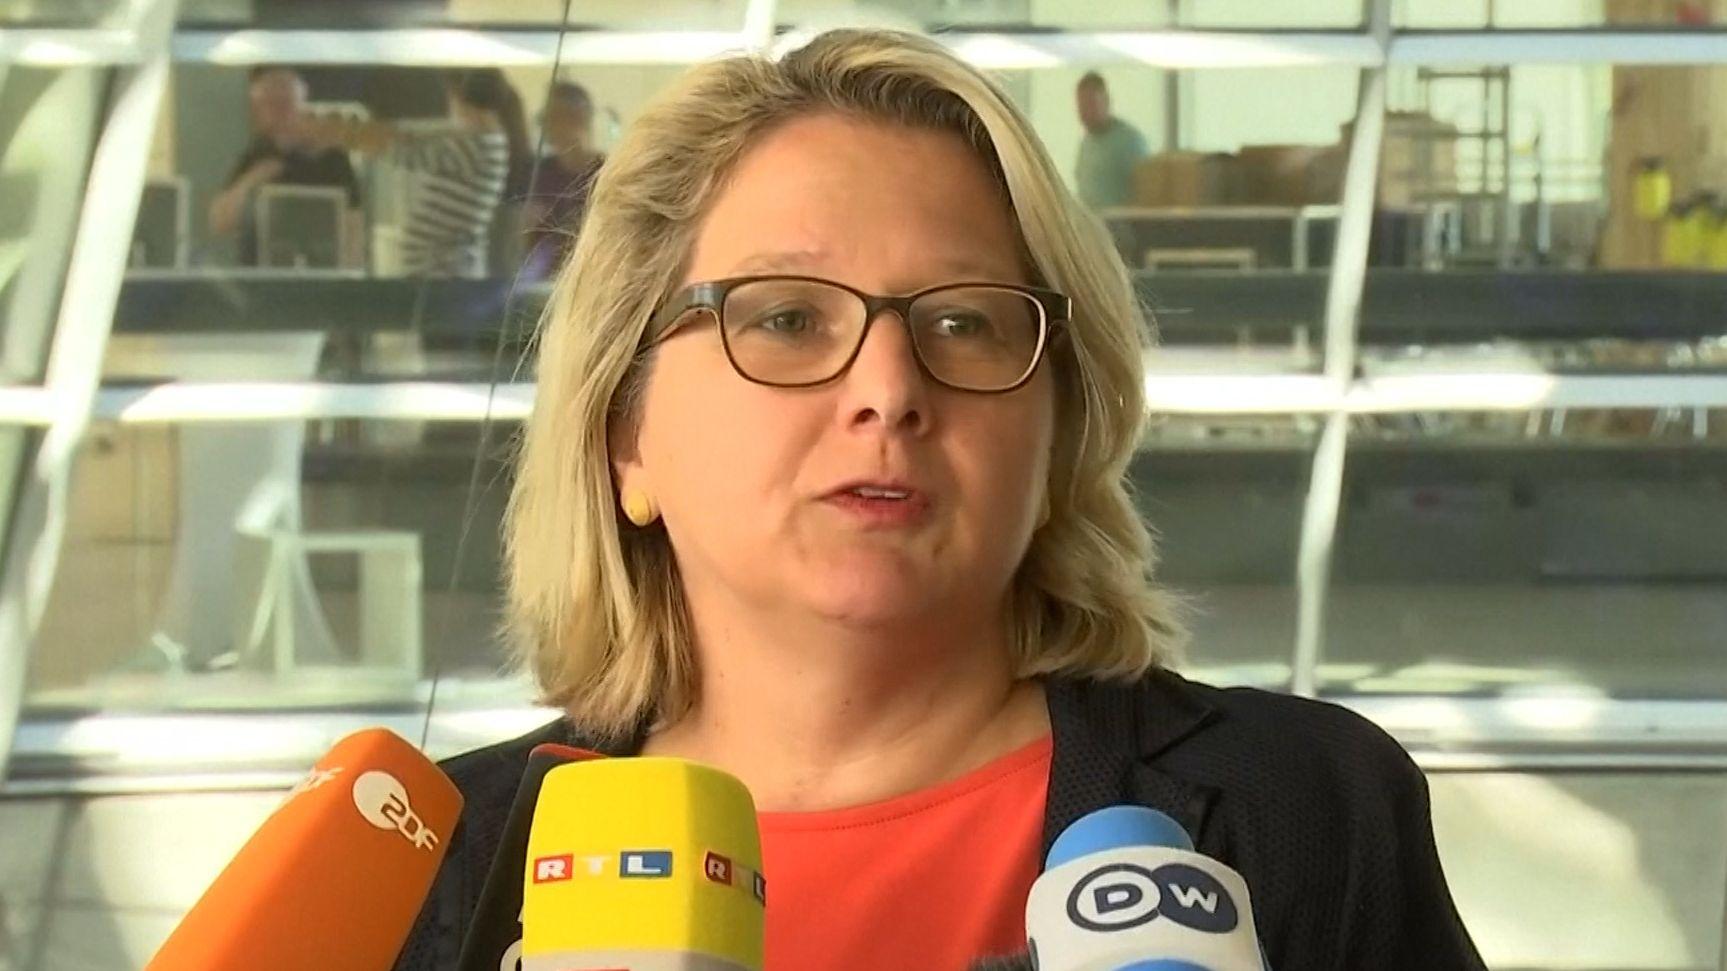 Bundesumweltministerin Schulze hat das Verbot von Plastiktüten auf den Weg gebracht, um die Anzahl an Plastiktüten signifikant zu reduzieren.